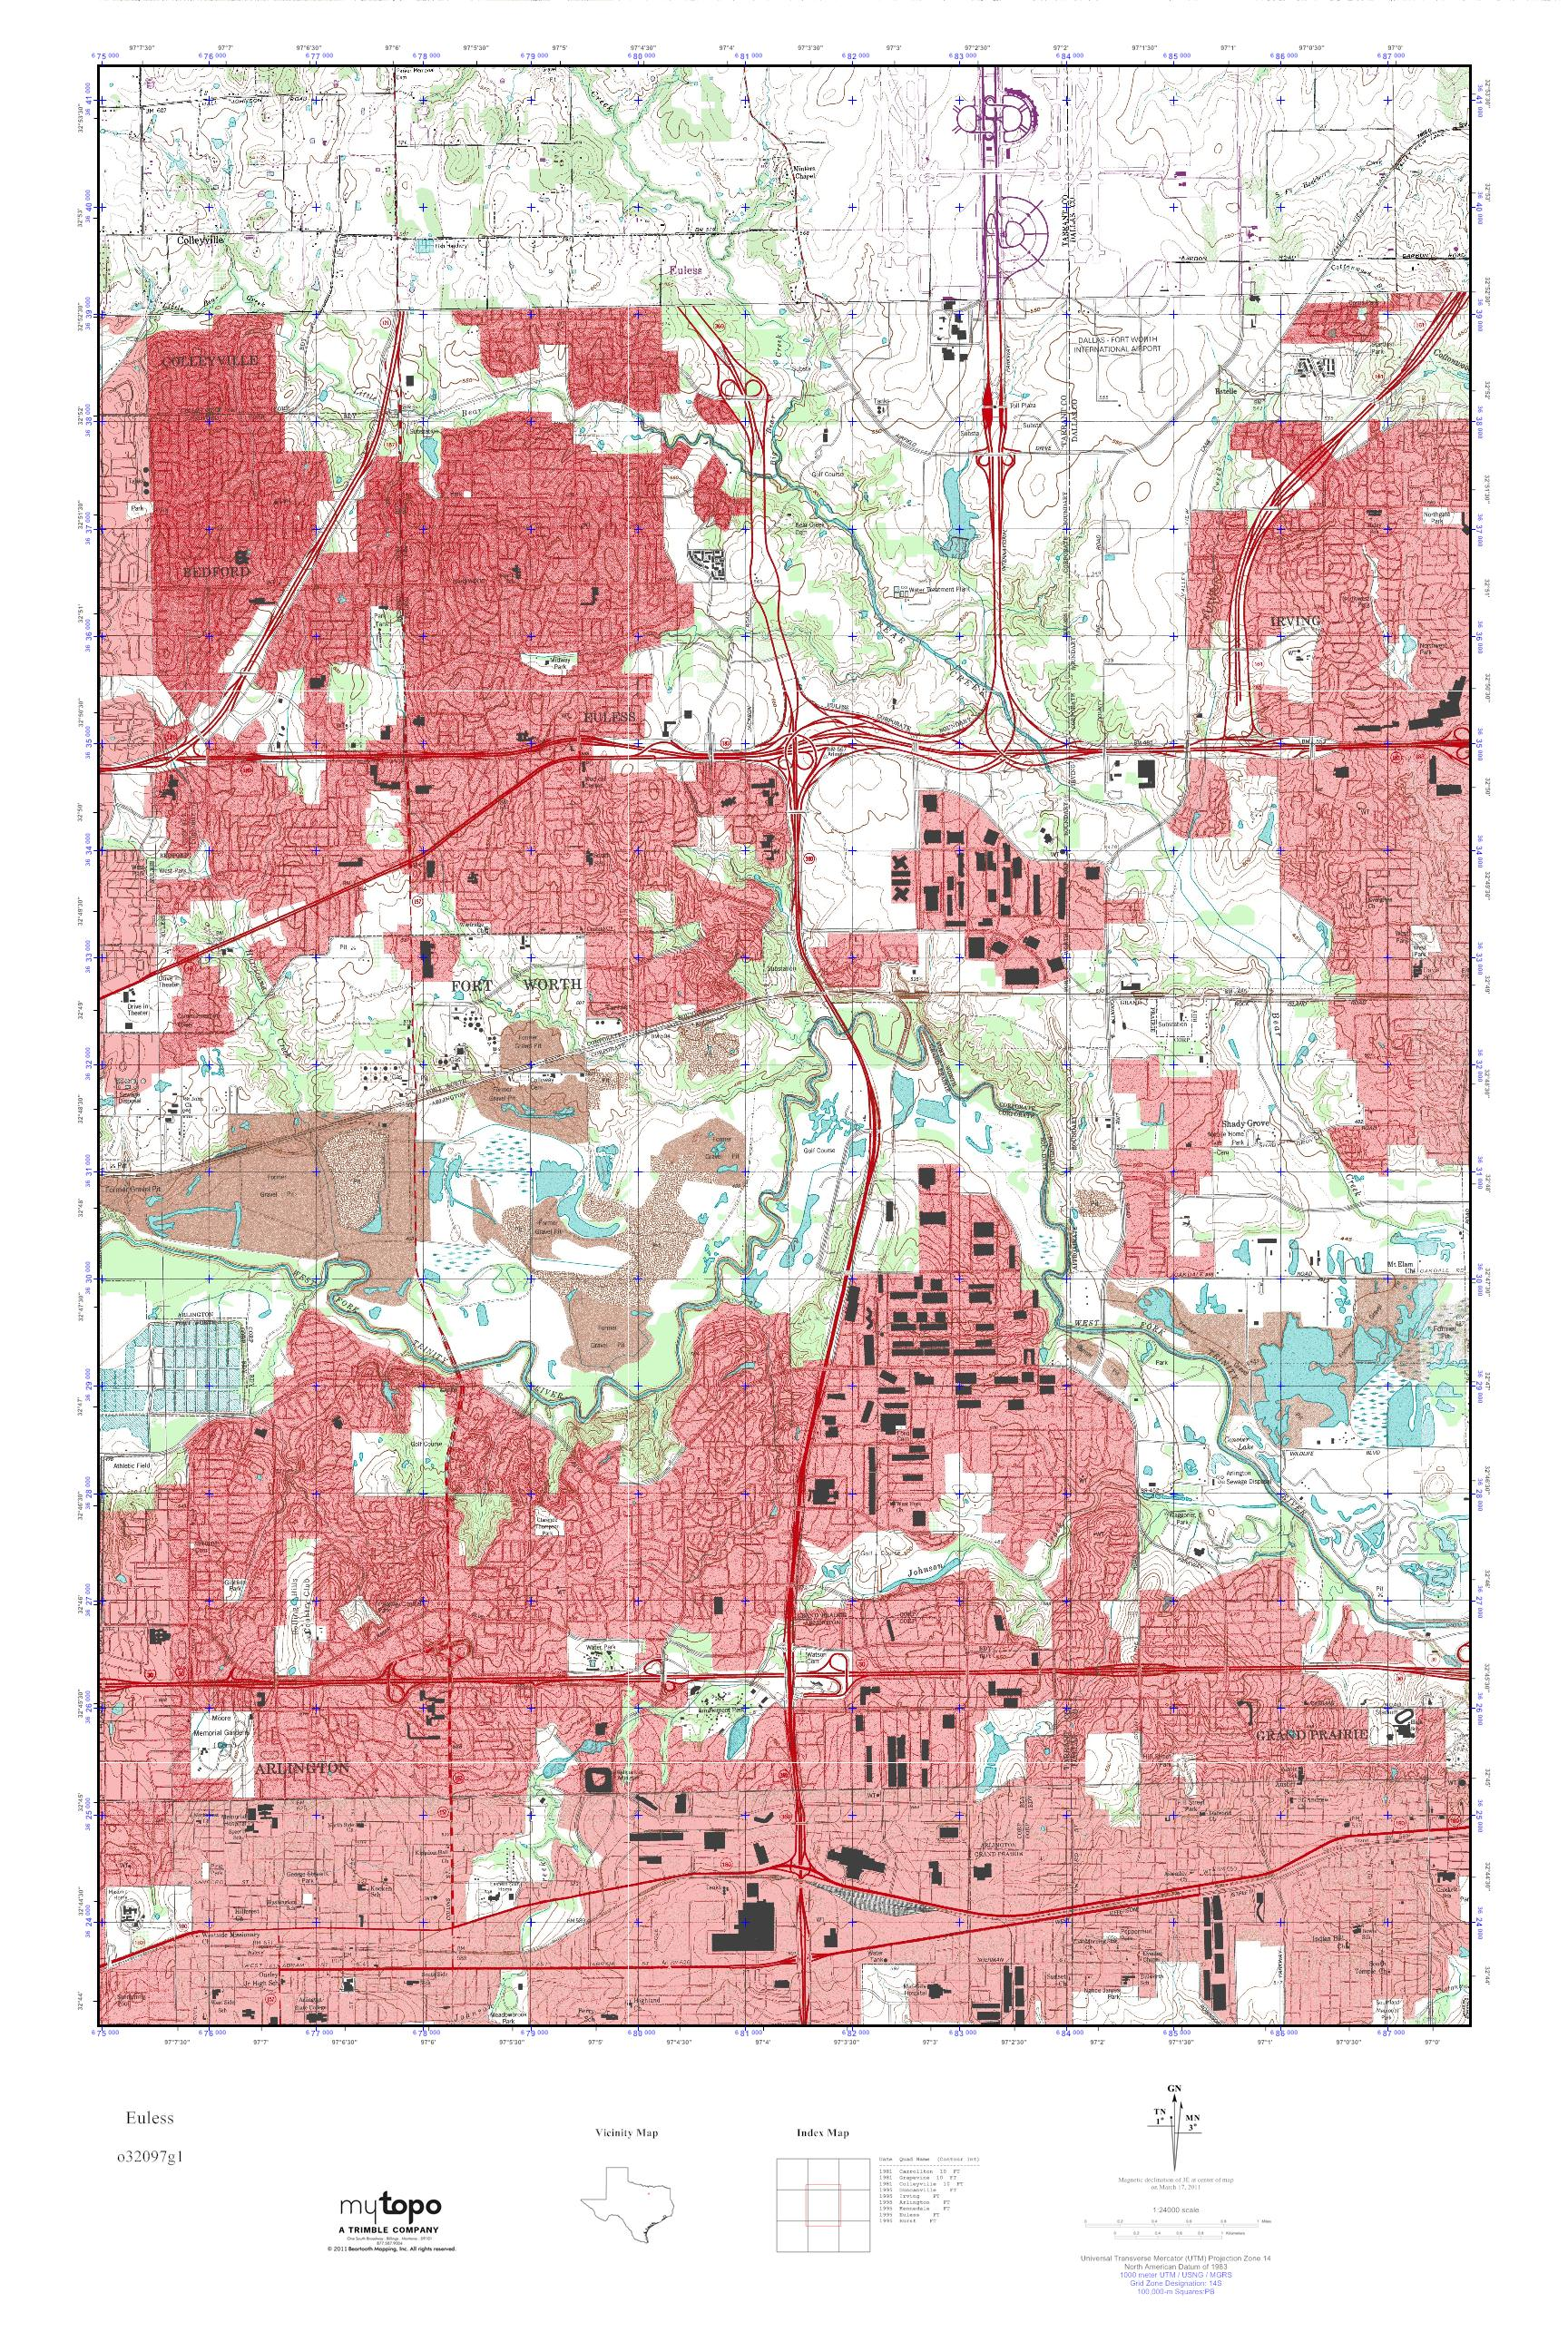 MyTopo Euless Texas USGS Quad Topo Map